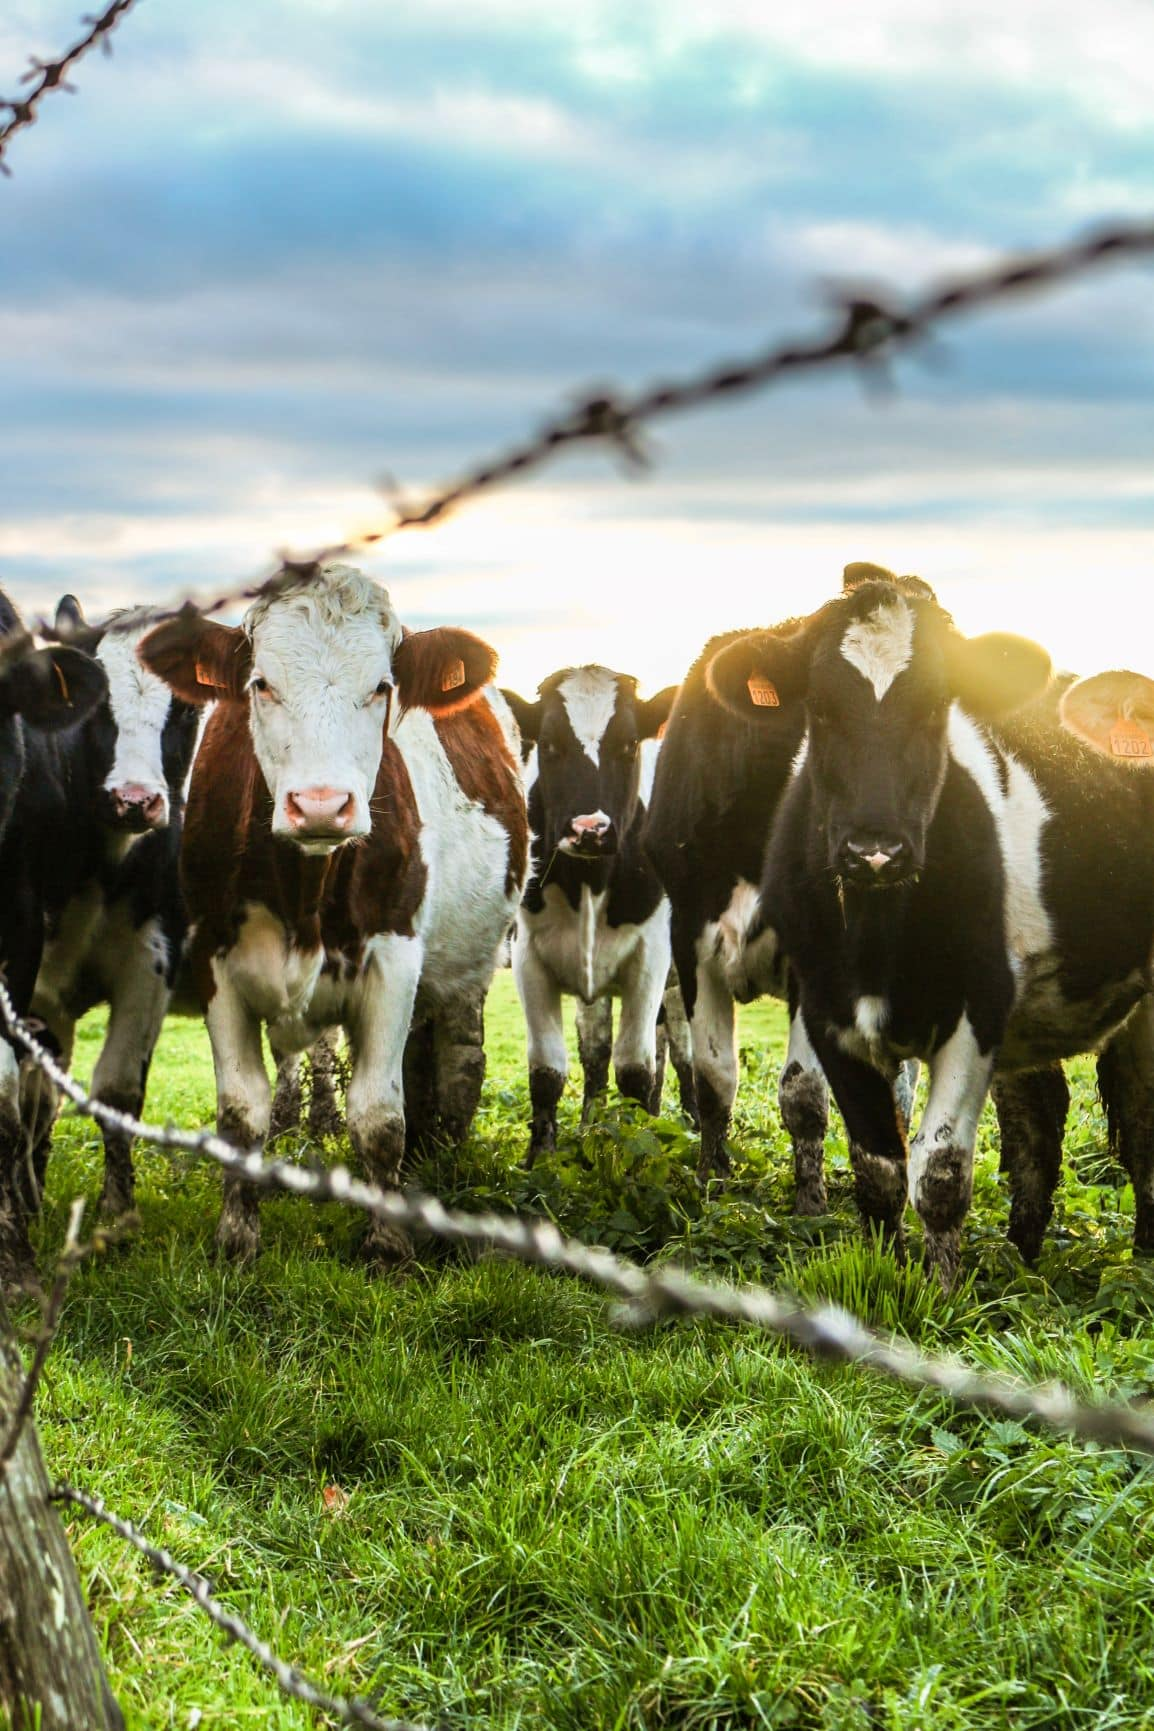 Kühe hinter Zaun auf Wiese